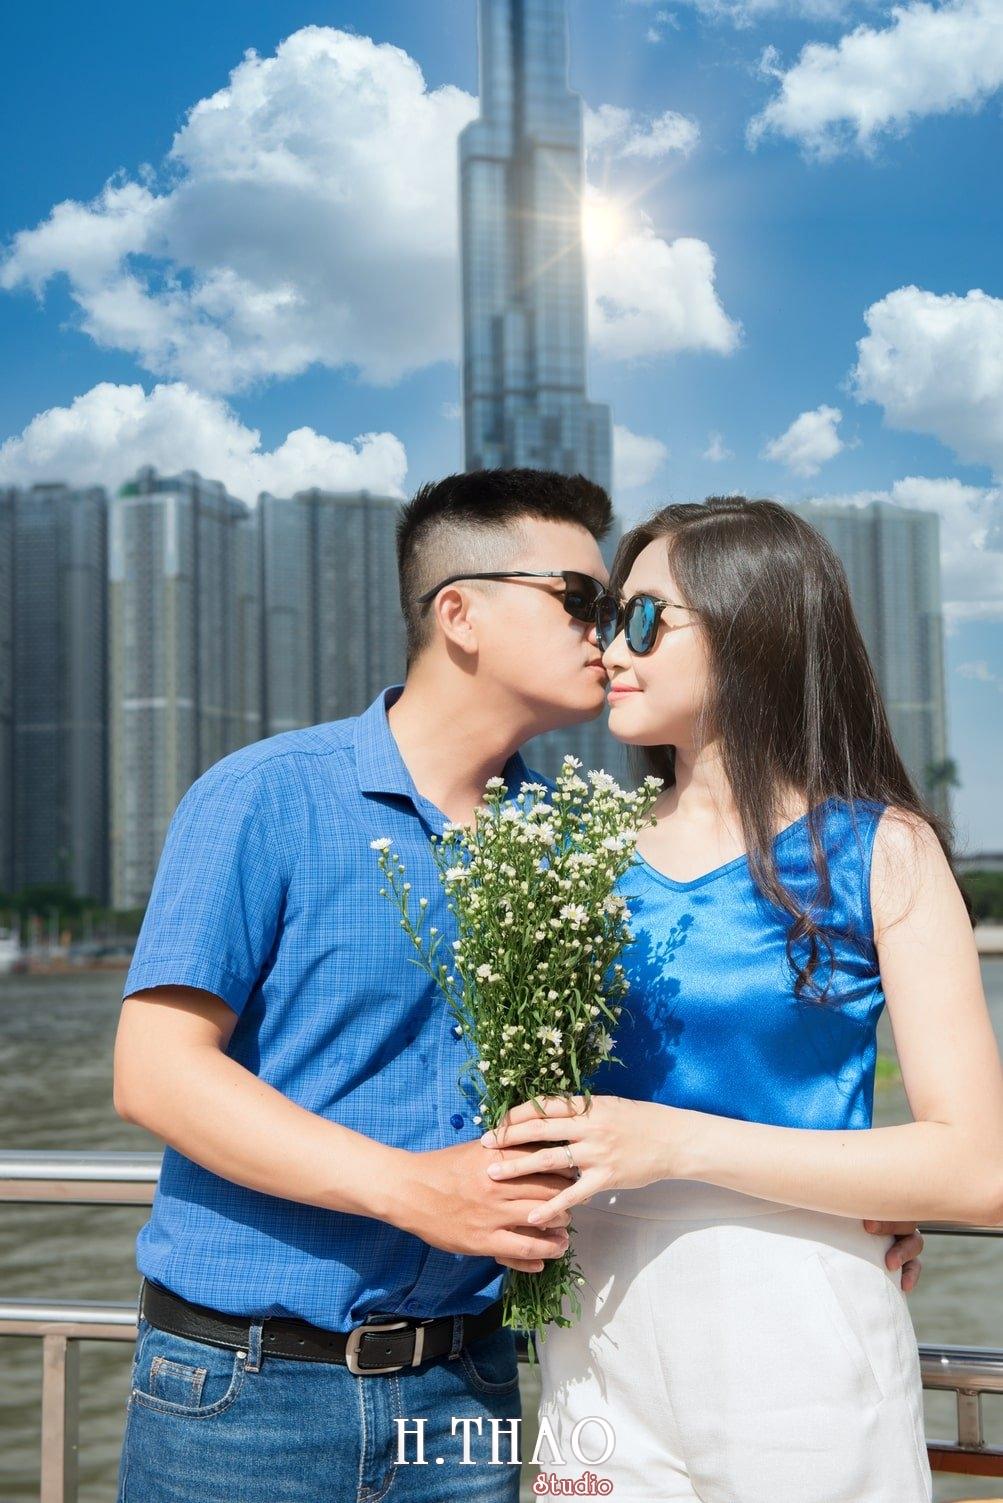 Anh Gia dinh 3 nguoi 8 - Bộ ảnh gia đình 3 người chụp ngoại cảnh đẹp tự nhiên - HThao Studio